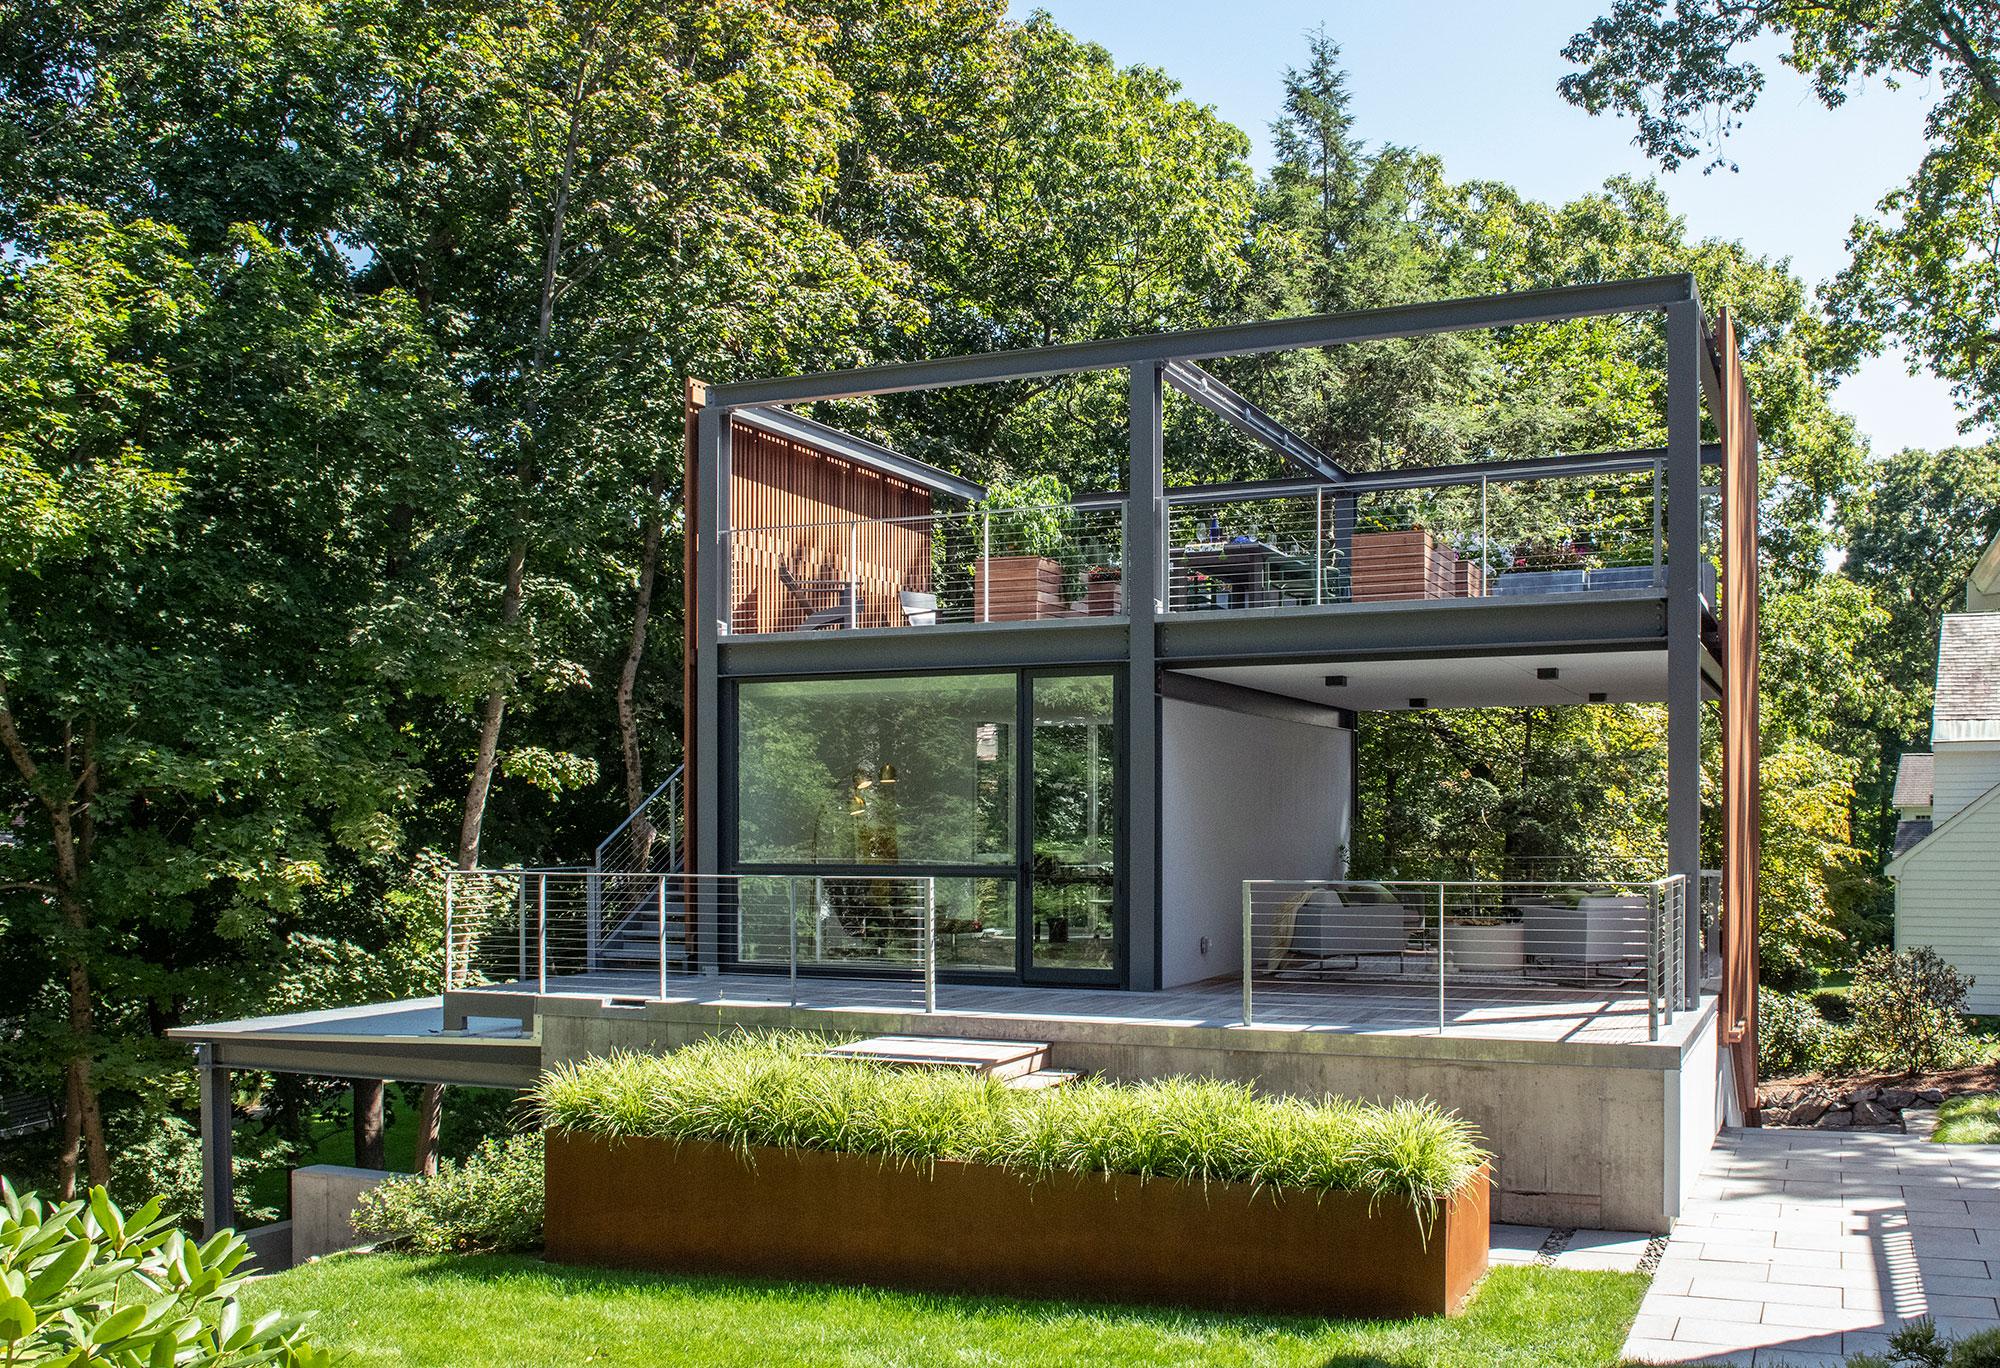 3-story studio garage structure with rooftop garden open-air veranda home office corten steel planter